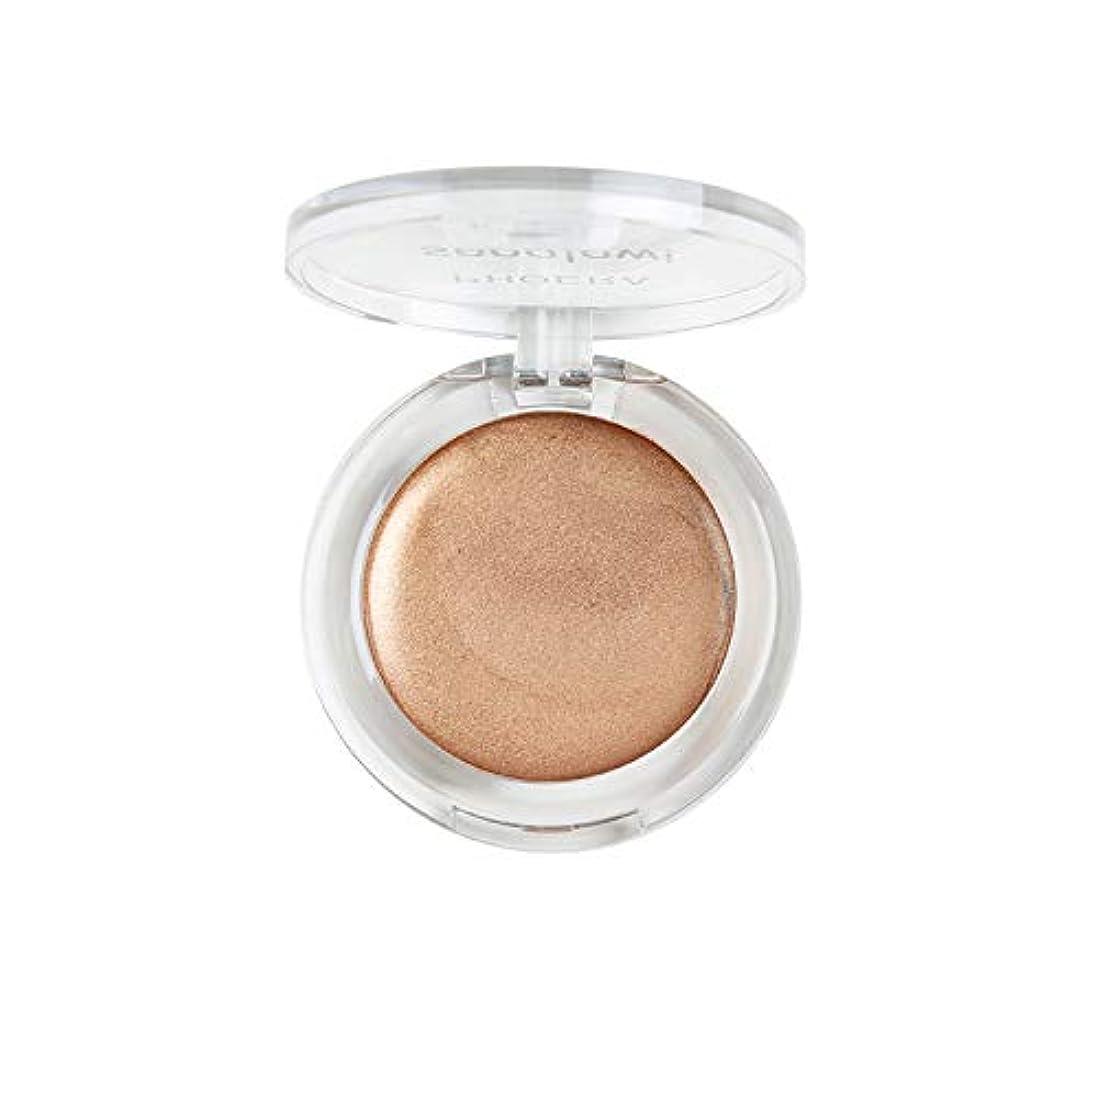 アジテーションゴールデンランダムAkane アイシャドウパレット PHOERA ハイライト 一つだけ 綺麗 輝き クリーム 魅力的 ファッション 人気 ブロンズ 気質的 キラキラ 防水 チャーム おしゃれ 長持ち 持ち便利 Eye Shadow (8色)